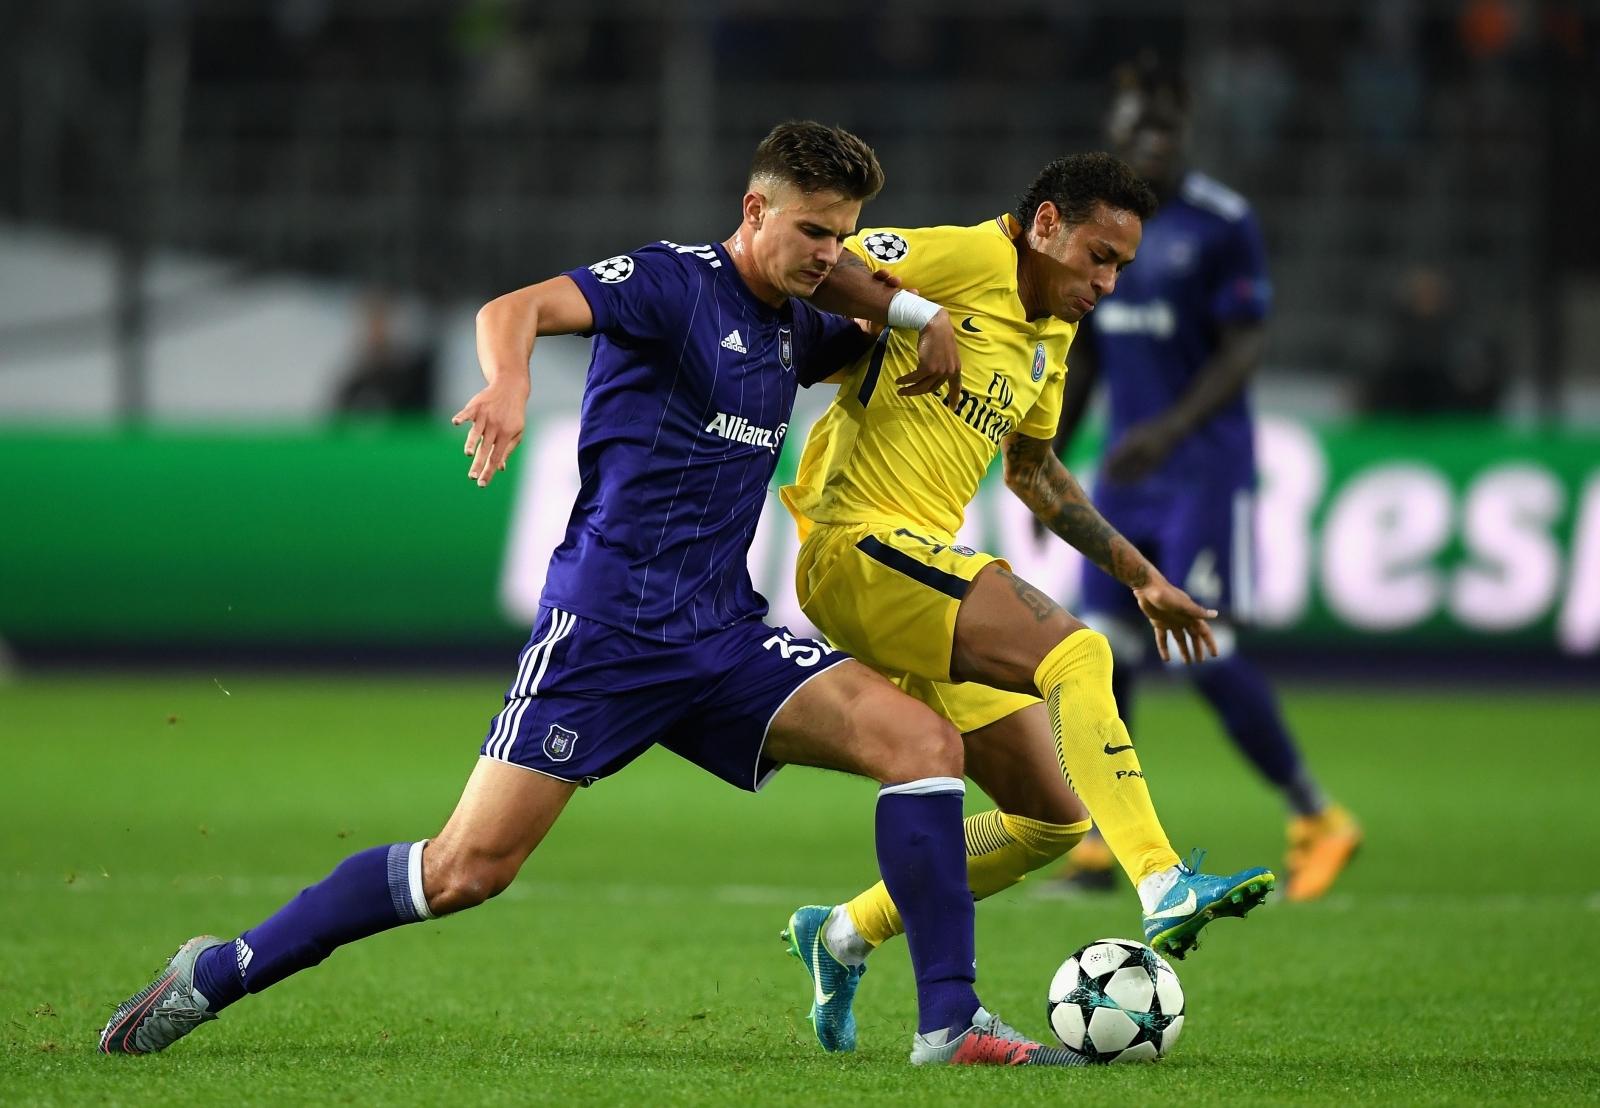 Leander Dendoncker and Neymar